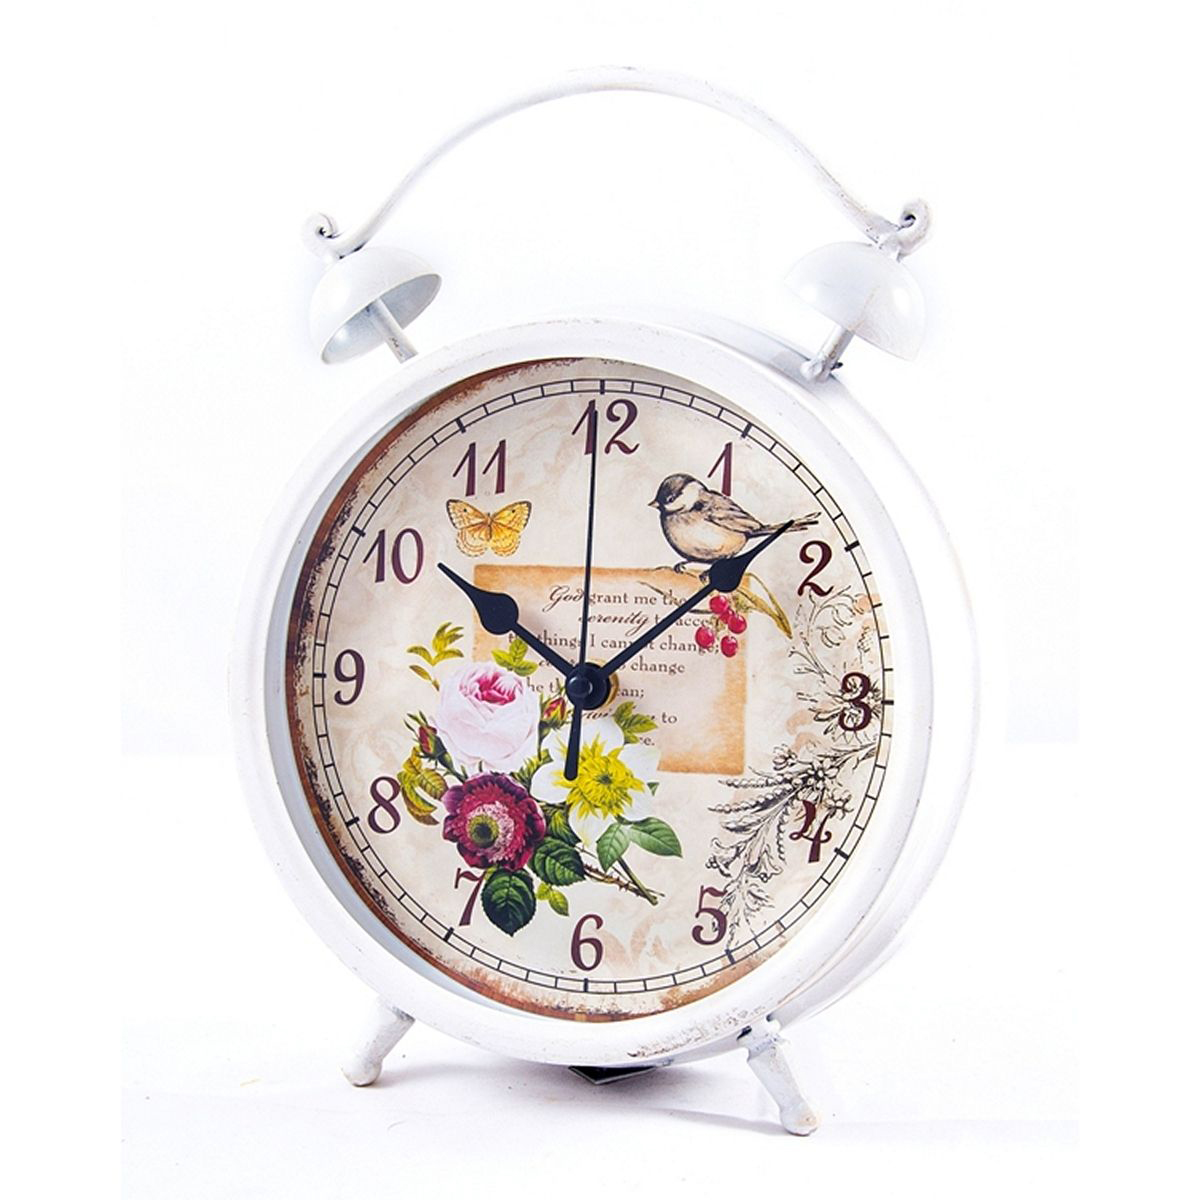 Часы настольные Русские Подарки, 21 х 28 х 6 см. 2960929609Настольные кварцевые часы Русские Подарки изготовлены из металла,циферблат красочно оформлен и защищен стеклом. Часы имеют три стрелки - часовую, минутную и секундную.Такие часы оригинально украсят интерьер дома или рабочий стол в офисе. Также часы могут стать уникальным, полезным подарком для родственников, коллег, знакомых и близких.Часы работают от батареек типа АА (в комплект не входят).